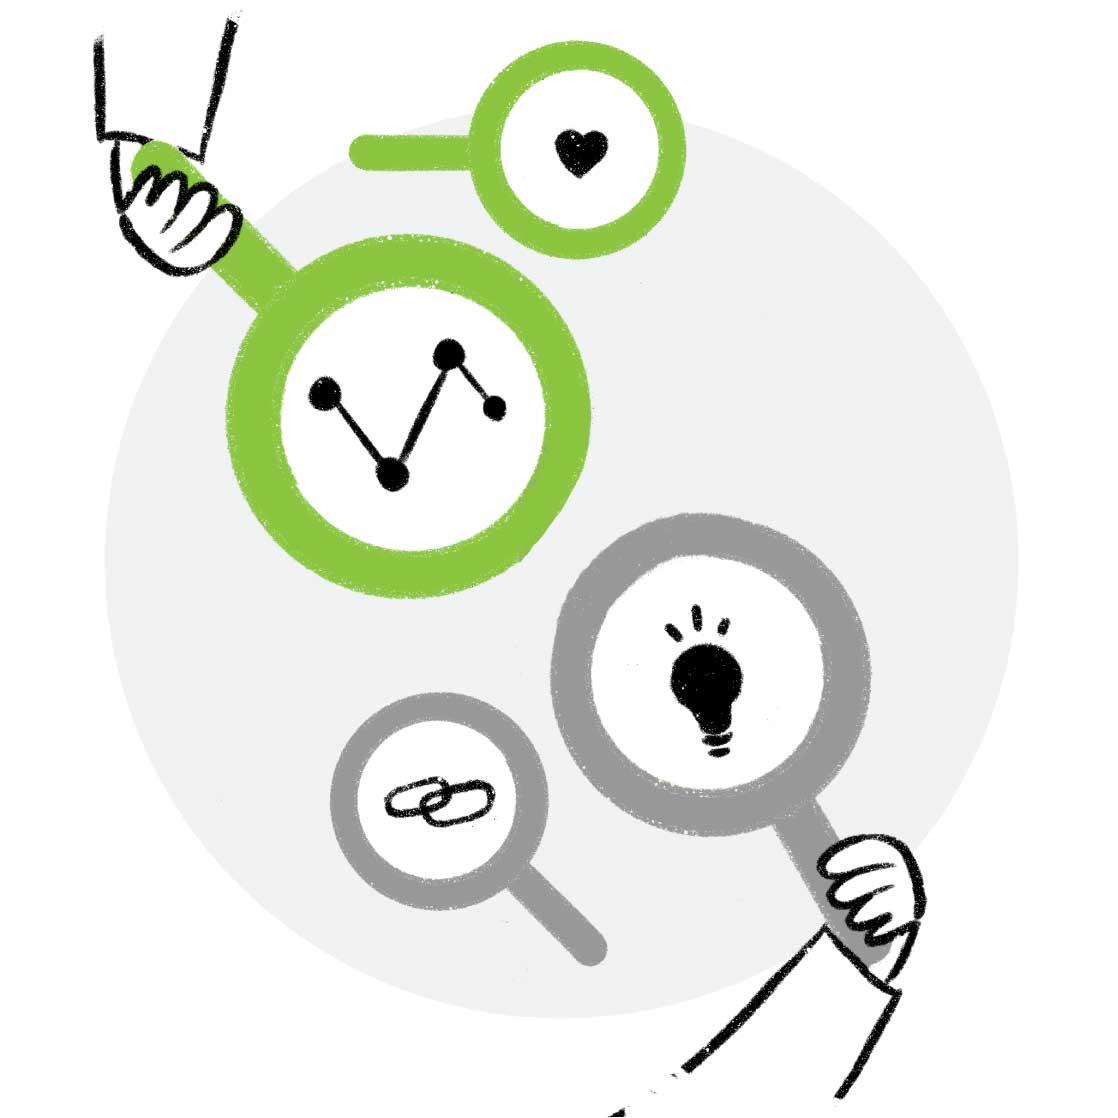 Brand Identity, Analisi E Pianificazione Strategica